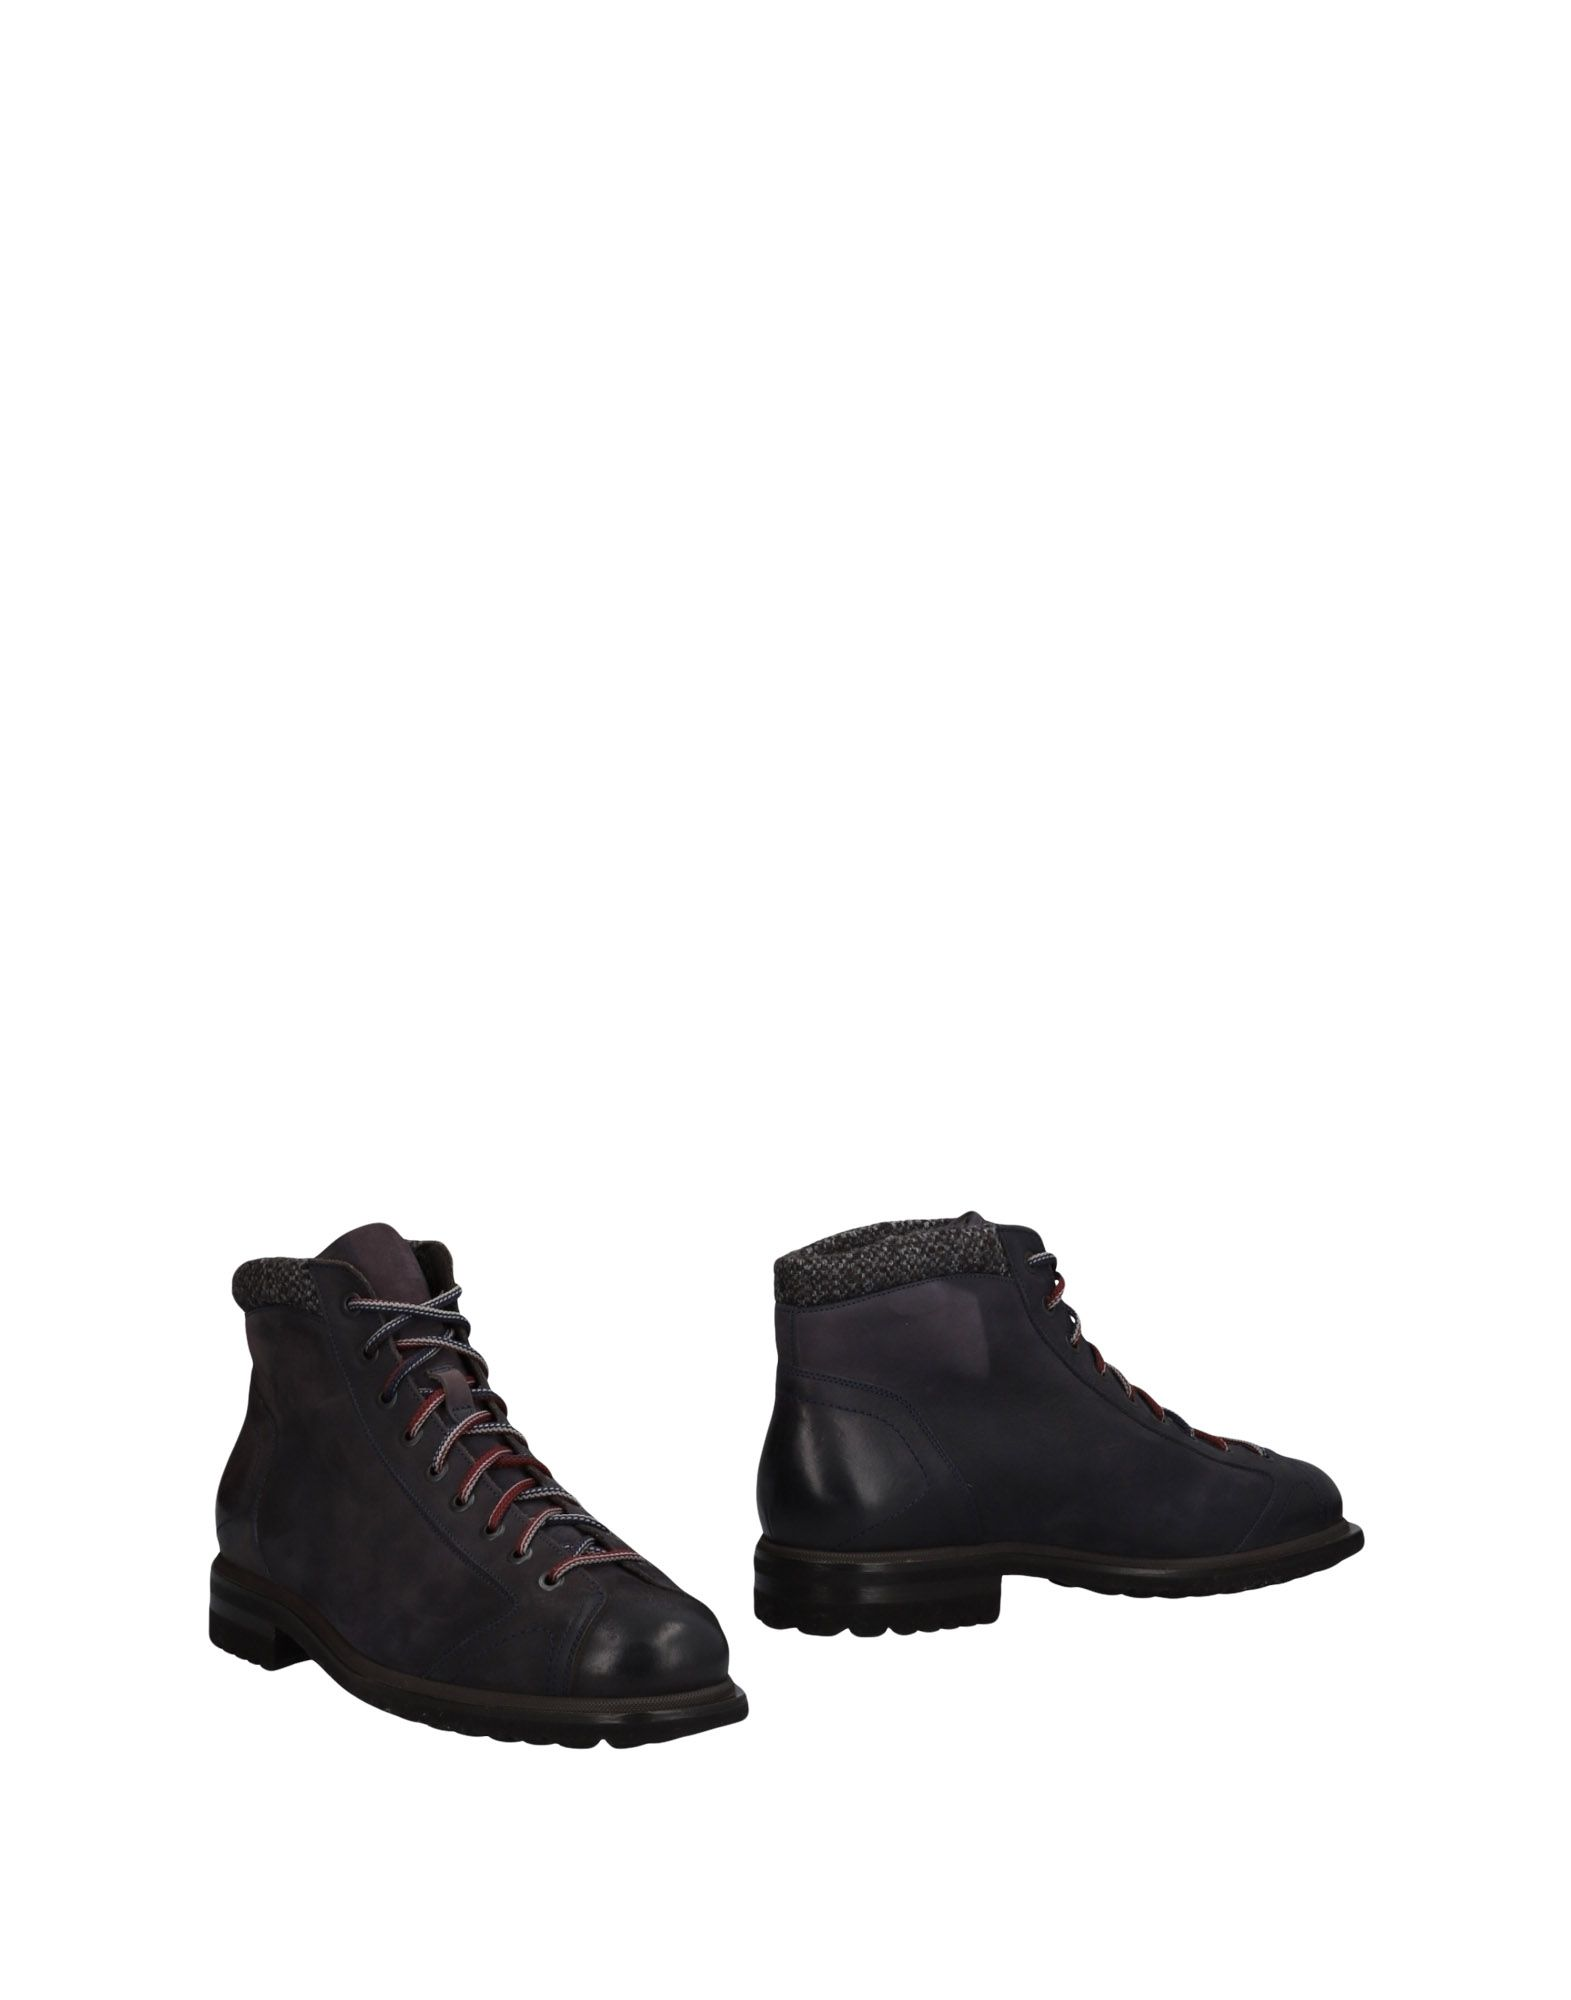 Santoni Stiefelette Herren  11488601KA Gute Qualität beliebte Schuhe